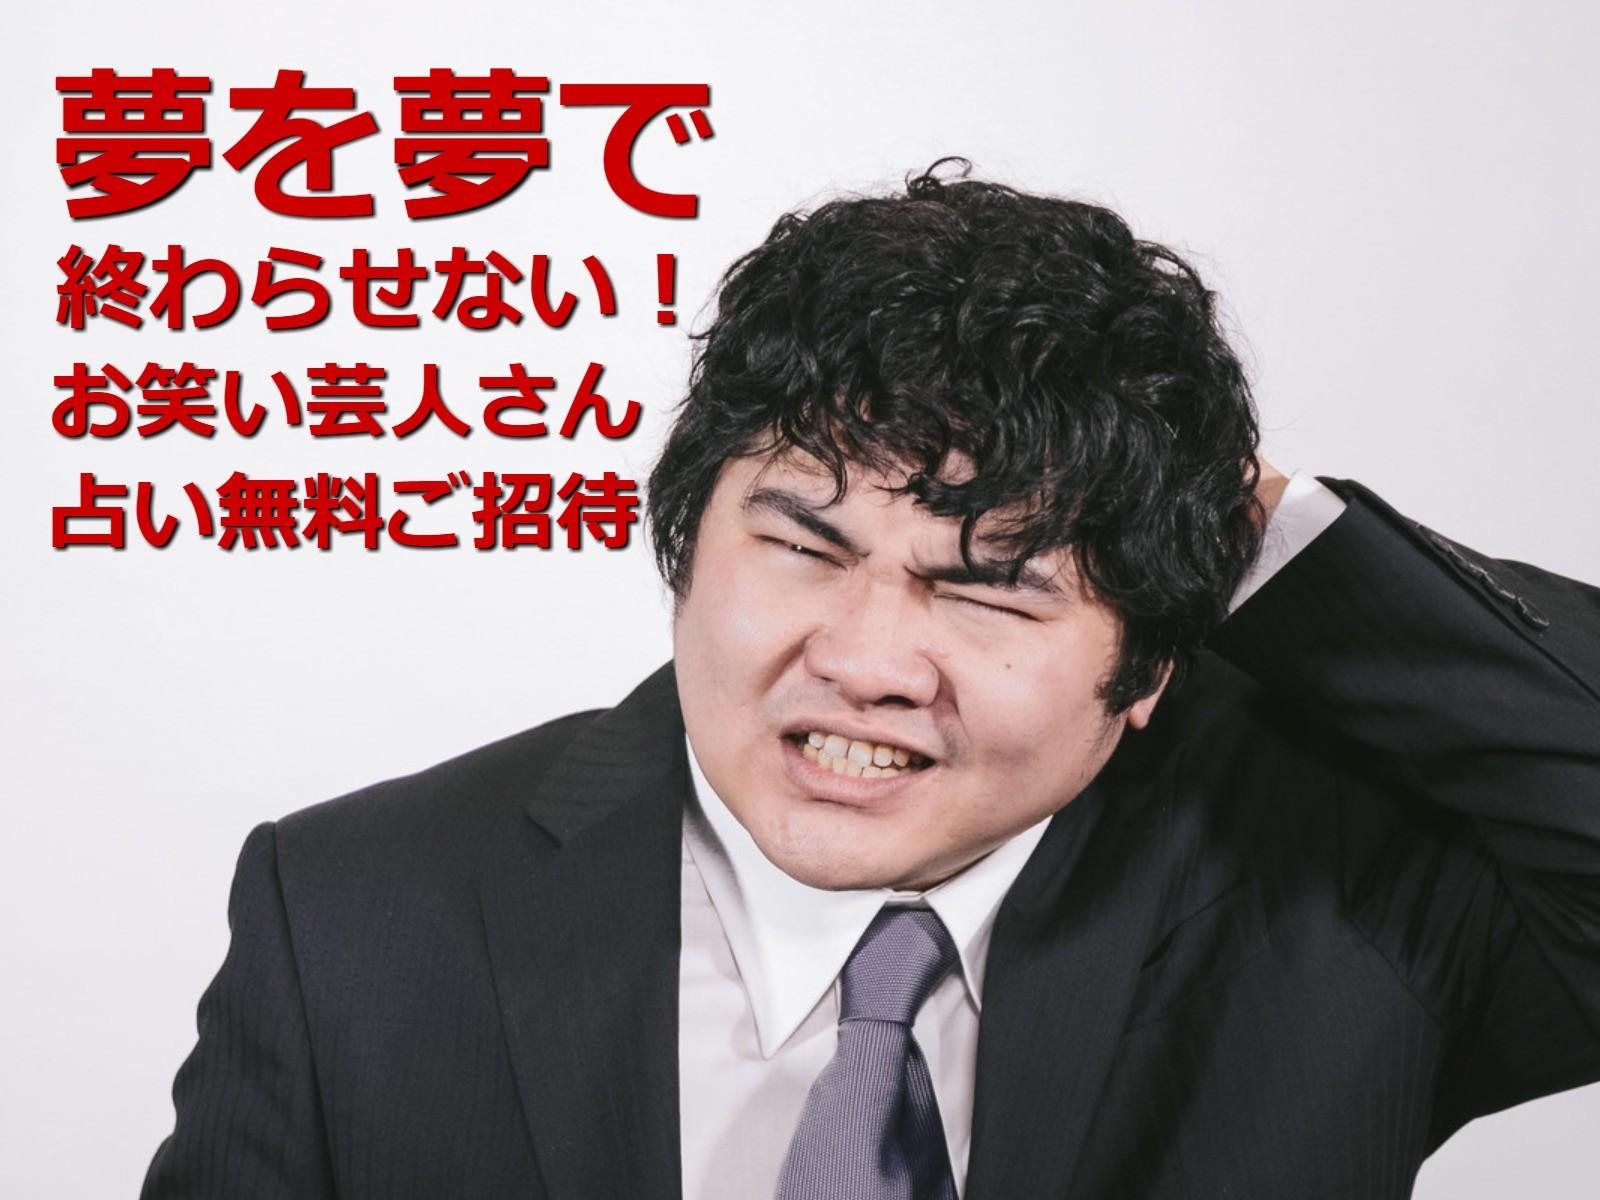 お笑い芸人の方なら、占い無料ご招待!東京渋谷で当たると評判の「婚活もできる占い館BCAFE(ビーカフェ)渋谷店」が人気!